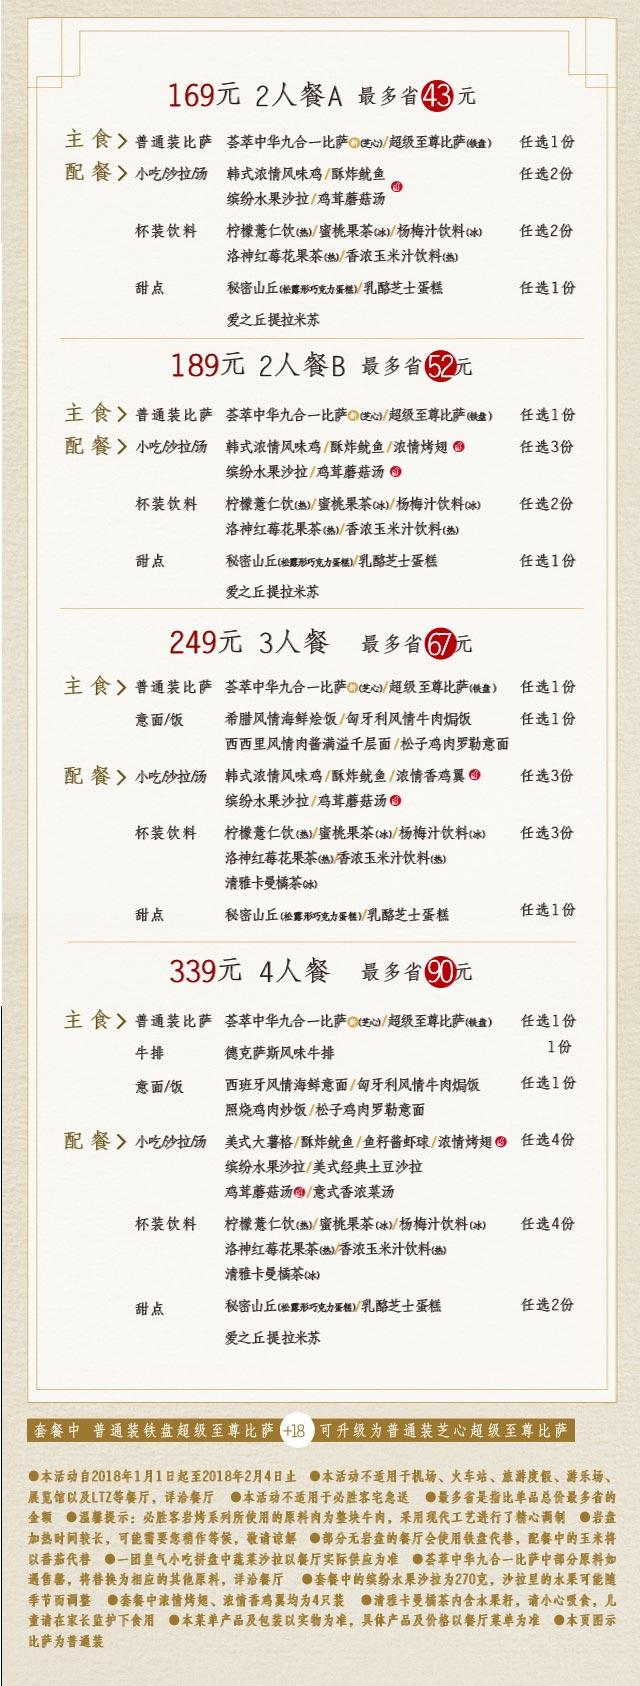 必胜客荟萃中华九合一比萨套餐169元起,3人套餐249元 有效期至:2018年2月4日 www.5ikfc.com